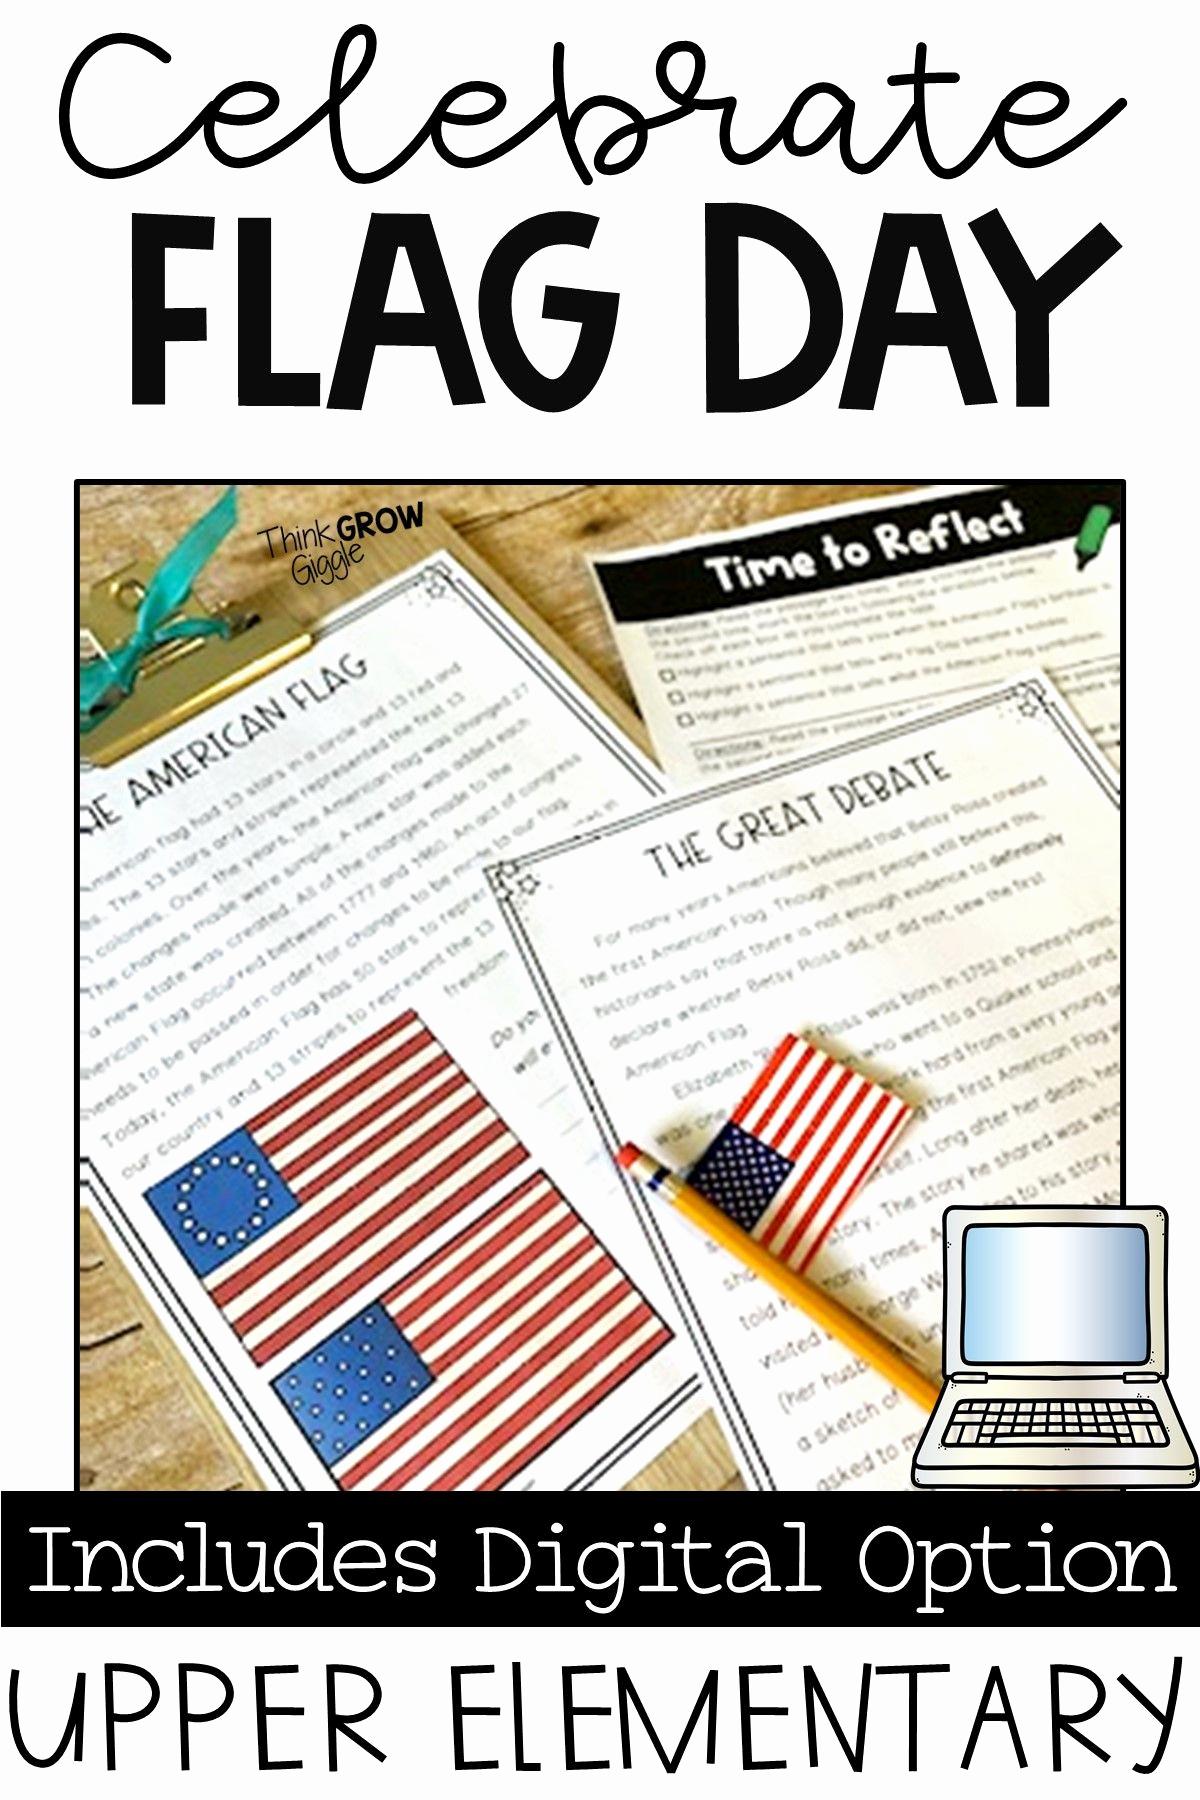 Flag Day Reading Comprehension Worksheets Luxury Flag Day Reading Prehension Activities